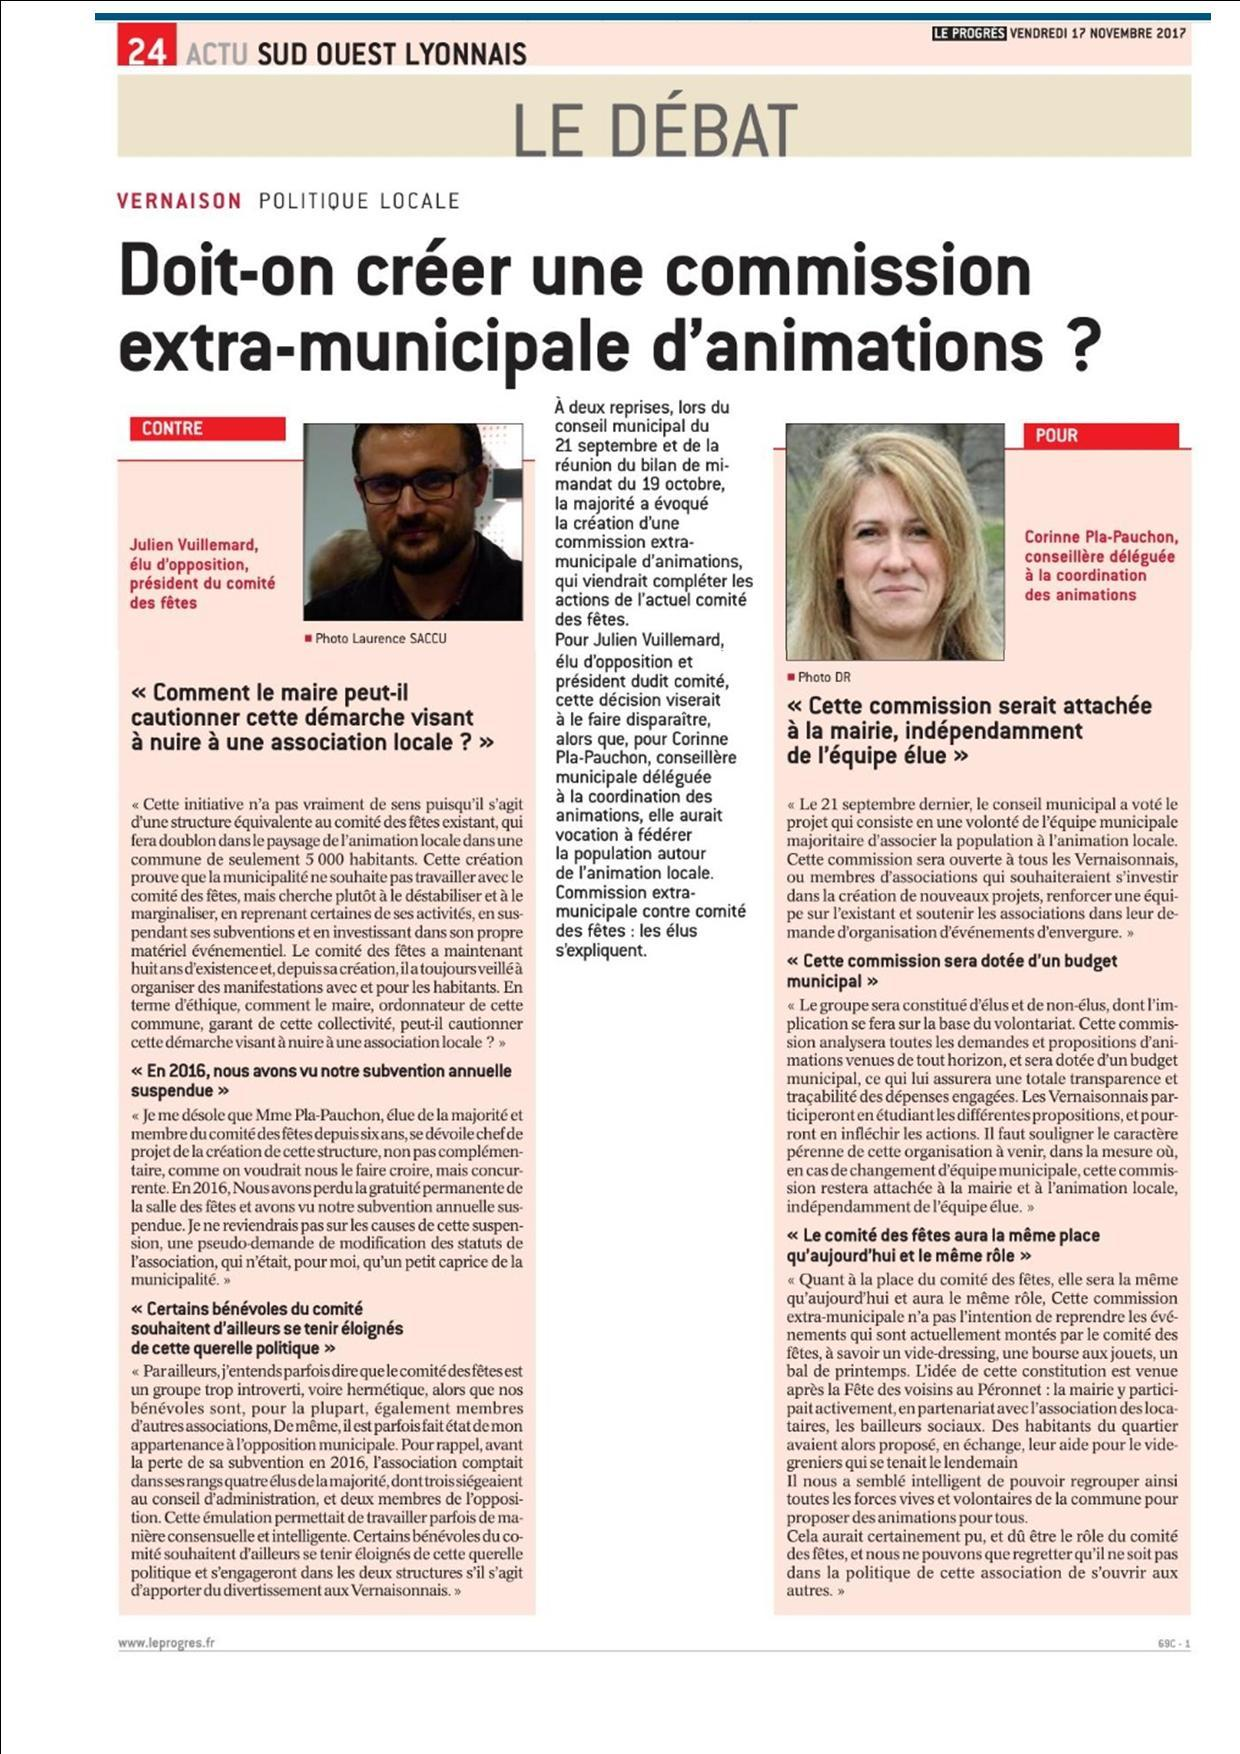 Le débat Julien Corinne